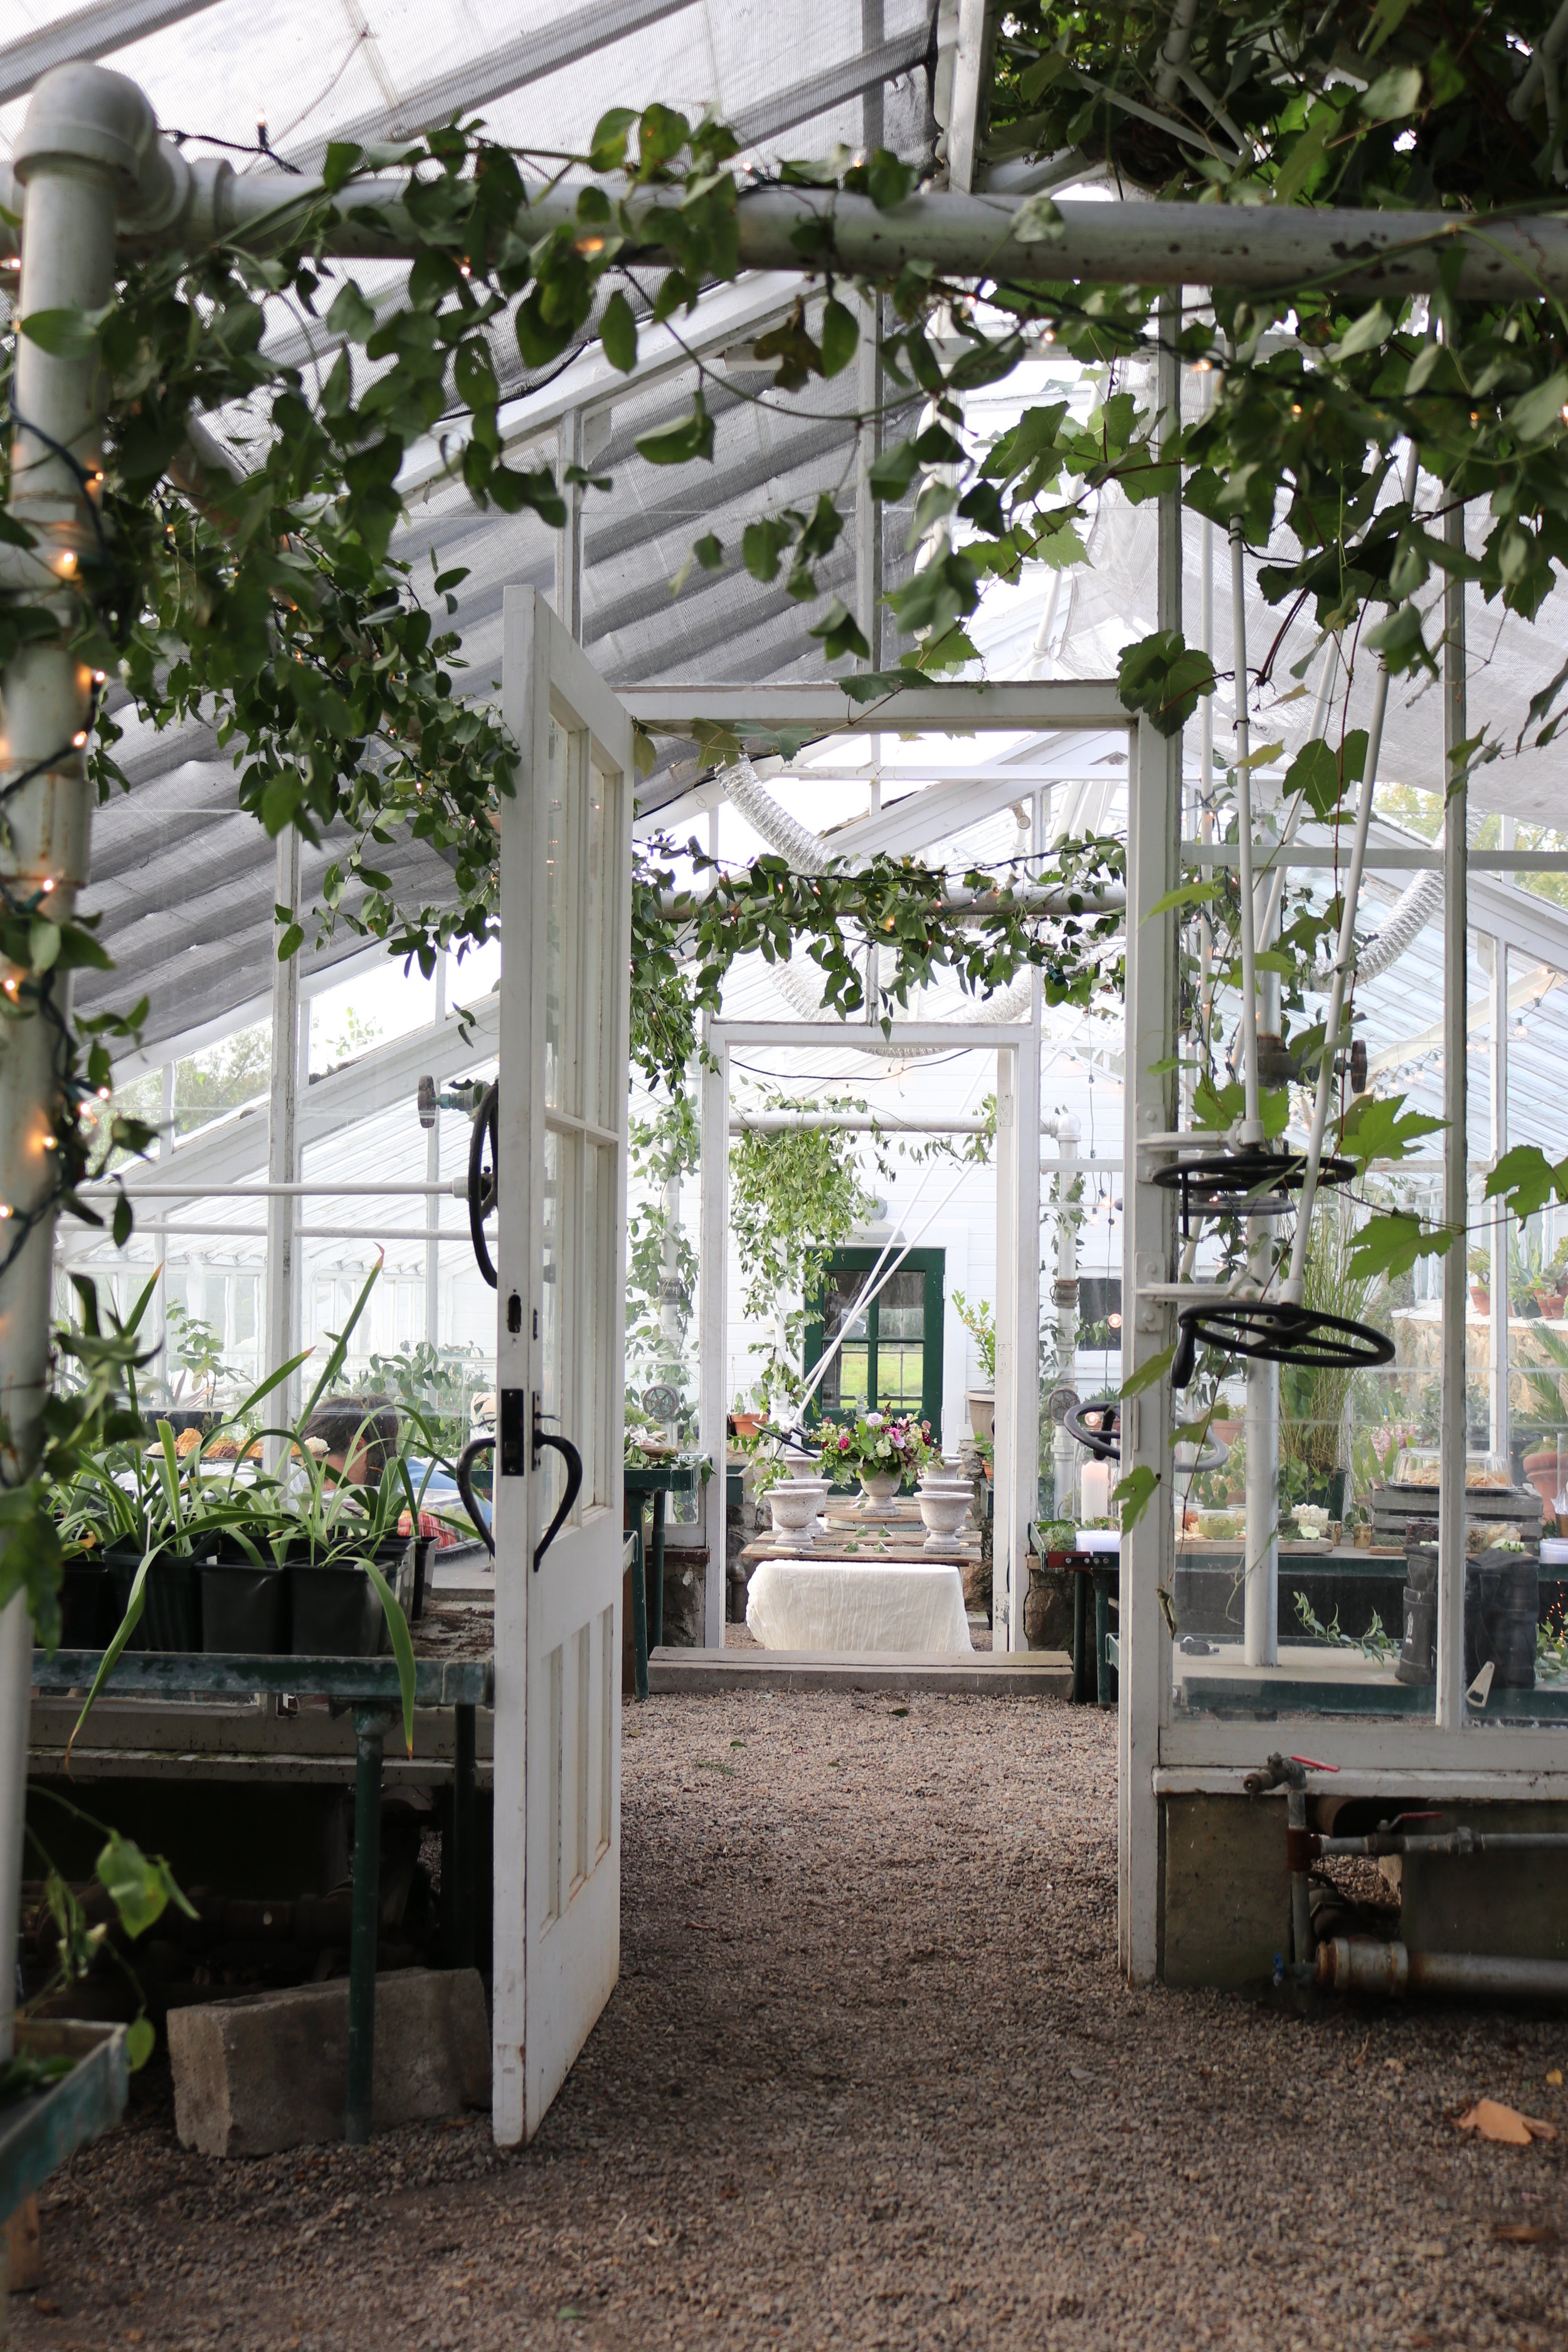 Stevens-Coolidge Estate greenhouse flower workshop